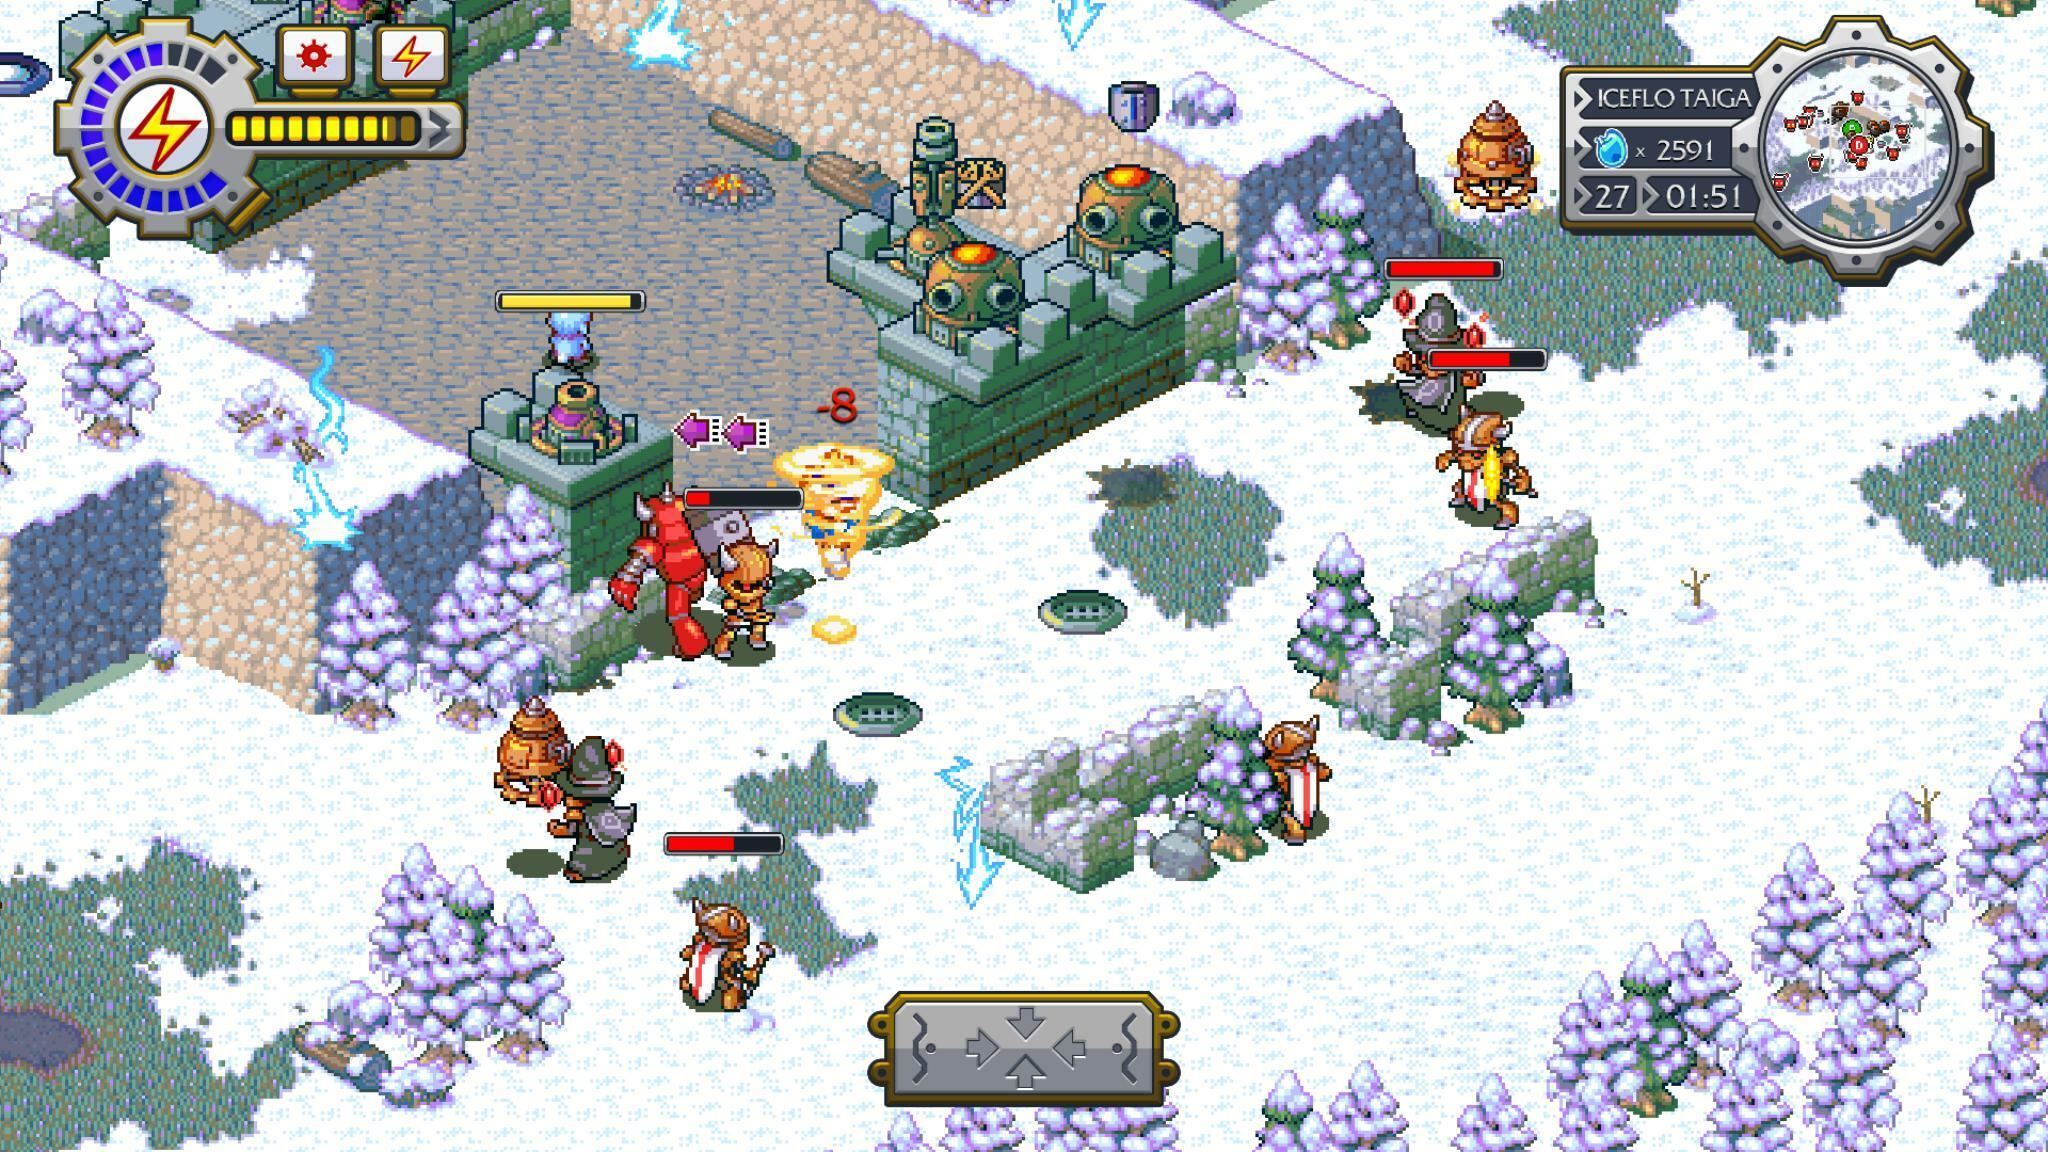 locks-quest-pc-screenshot-2